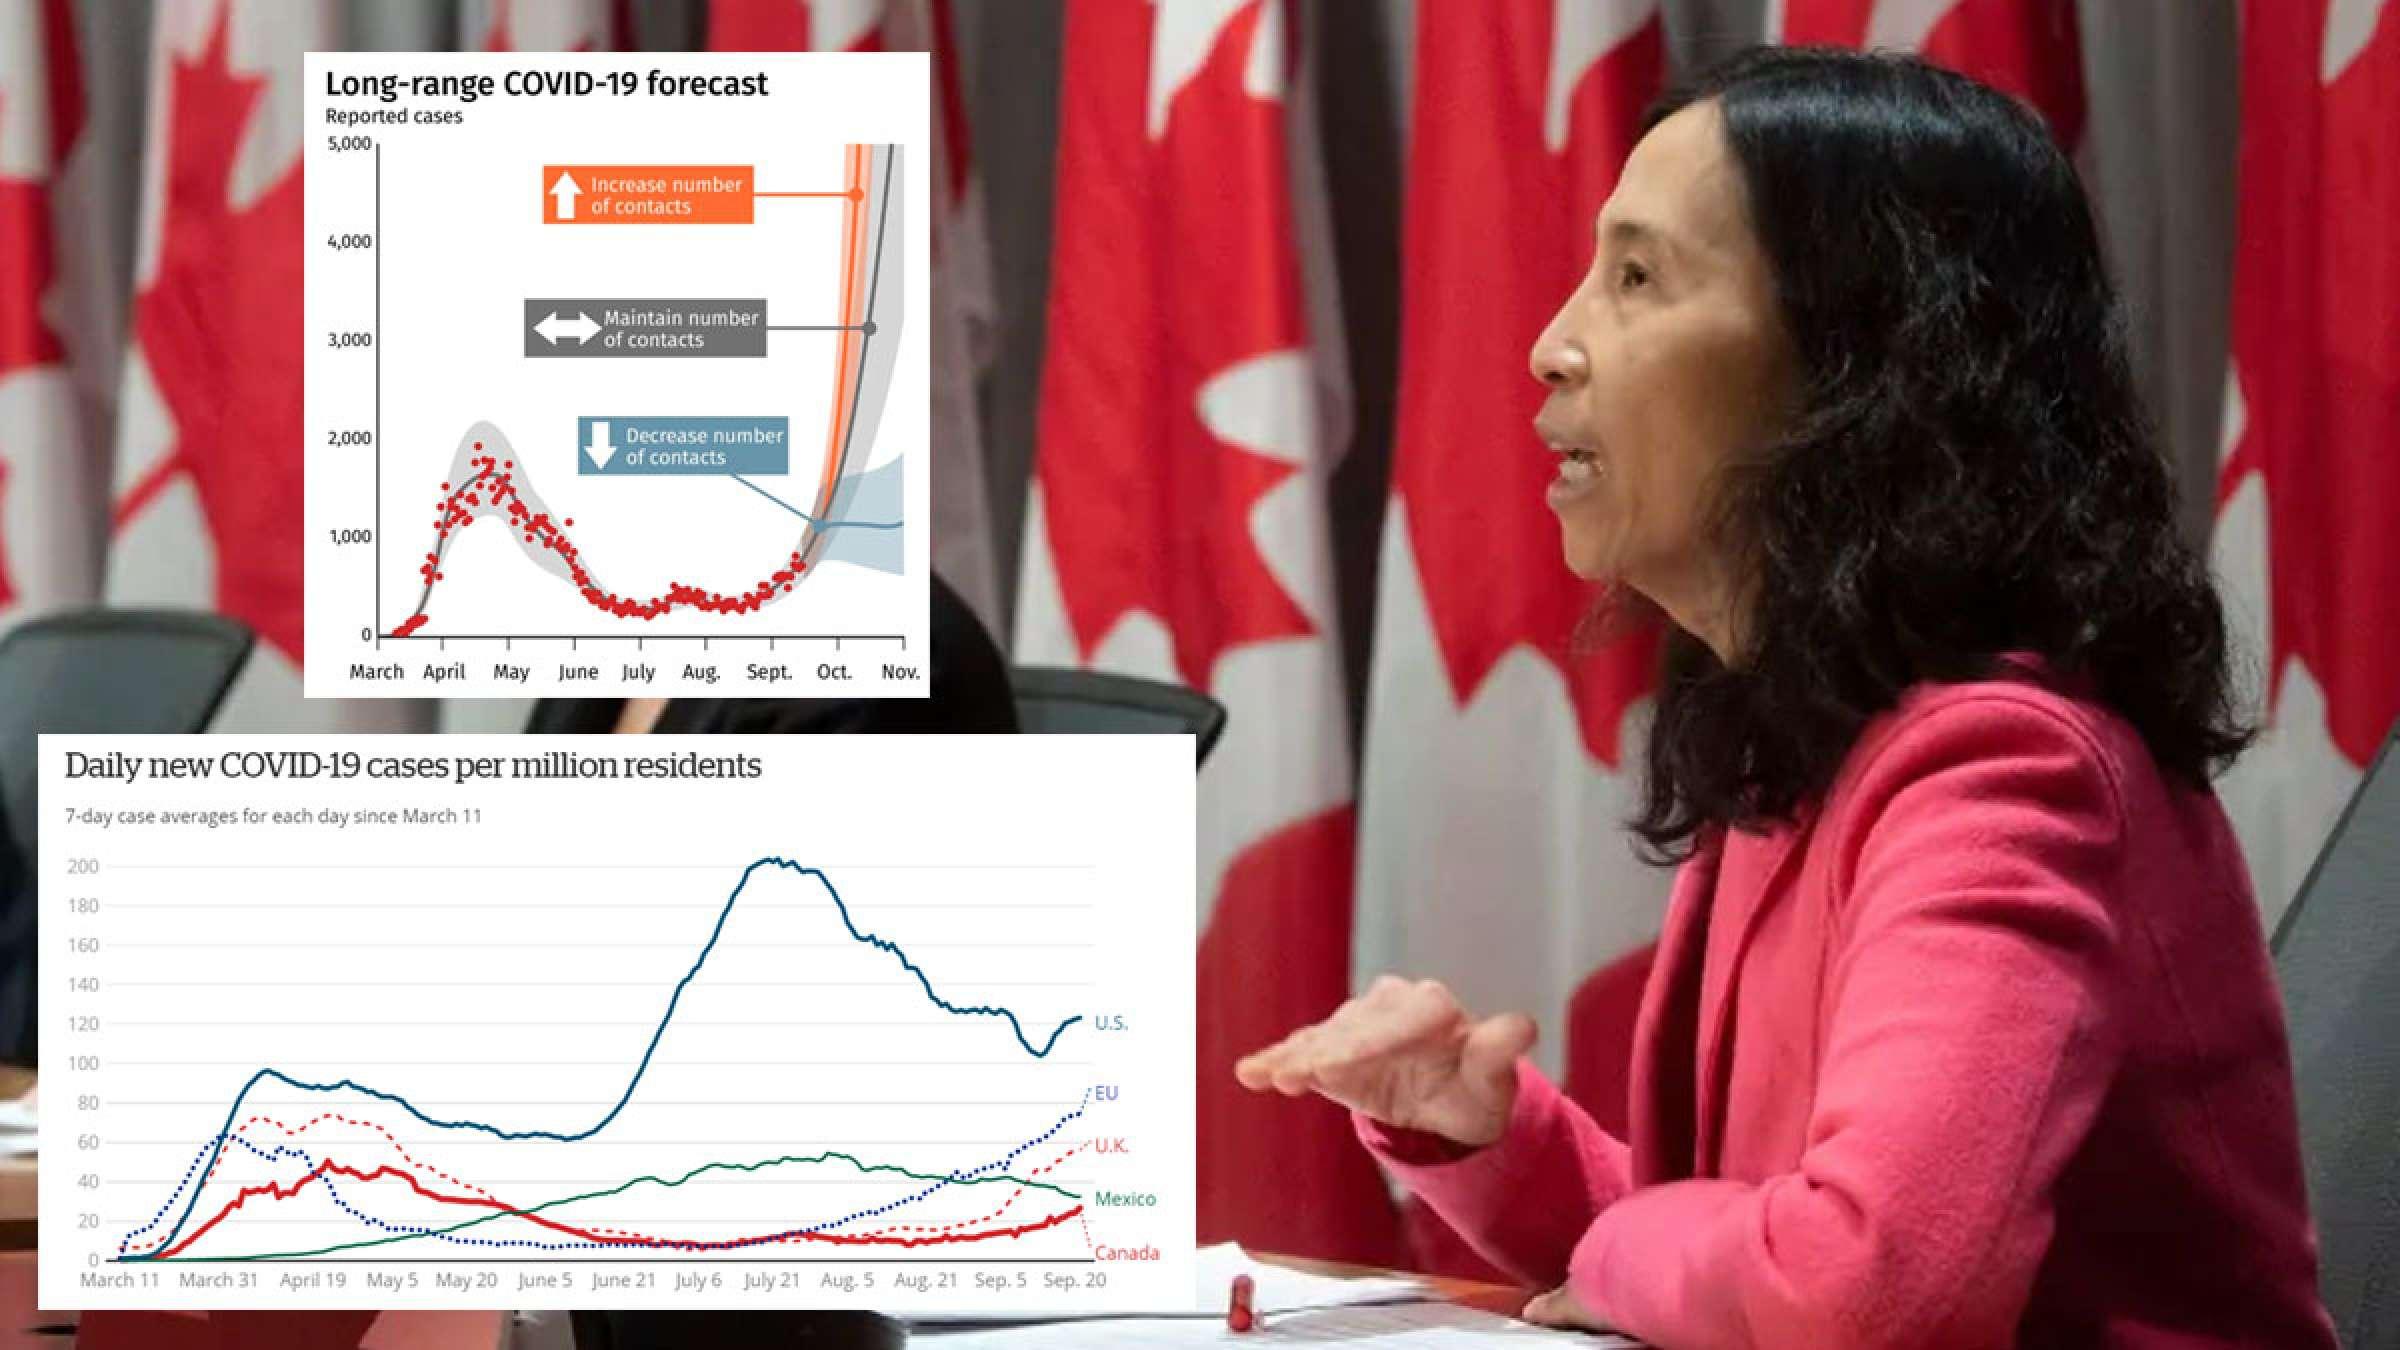 اخبار-کانادا-هشدار-پزشکان-کانادا-رعایت-نکنید-موج-دوم-و-بسته-شدن-خواهد-آمد-ترودو-فردا-سخنرانی-می-کند